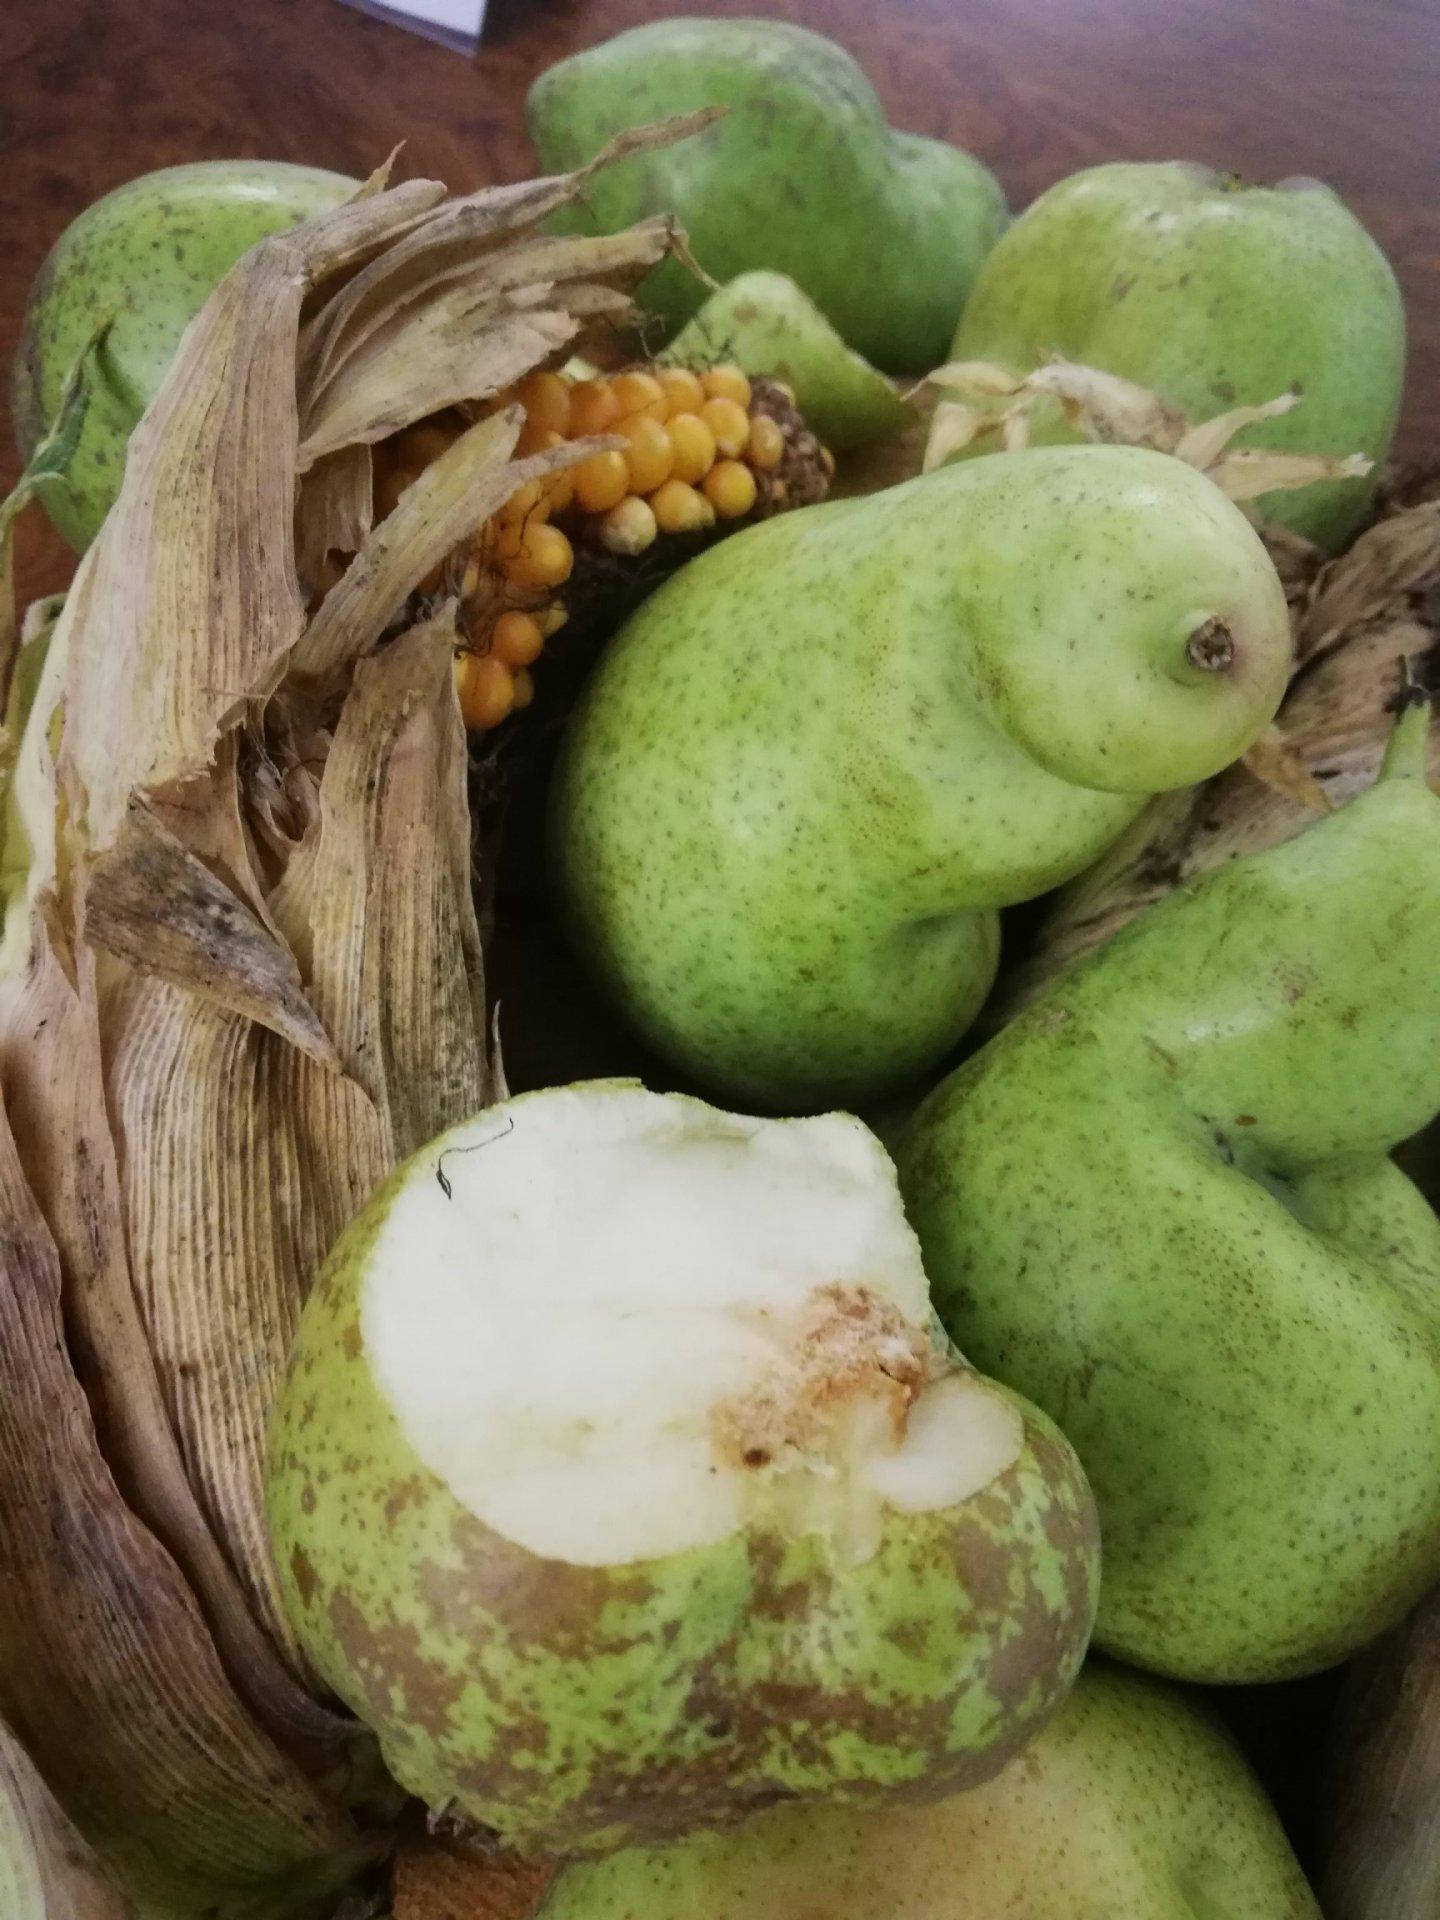 Annata ottima per la qualità e quantità di mele e pere falcidiate dalla cimice asiatica. Incontro oggi sulla questione, la situazione torna alla normalità.